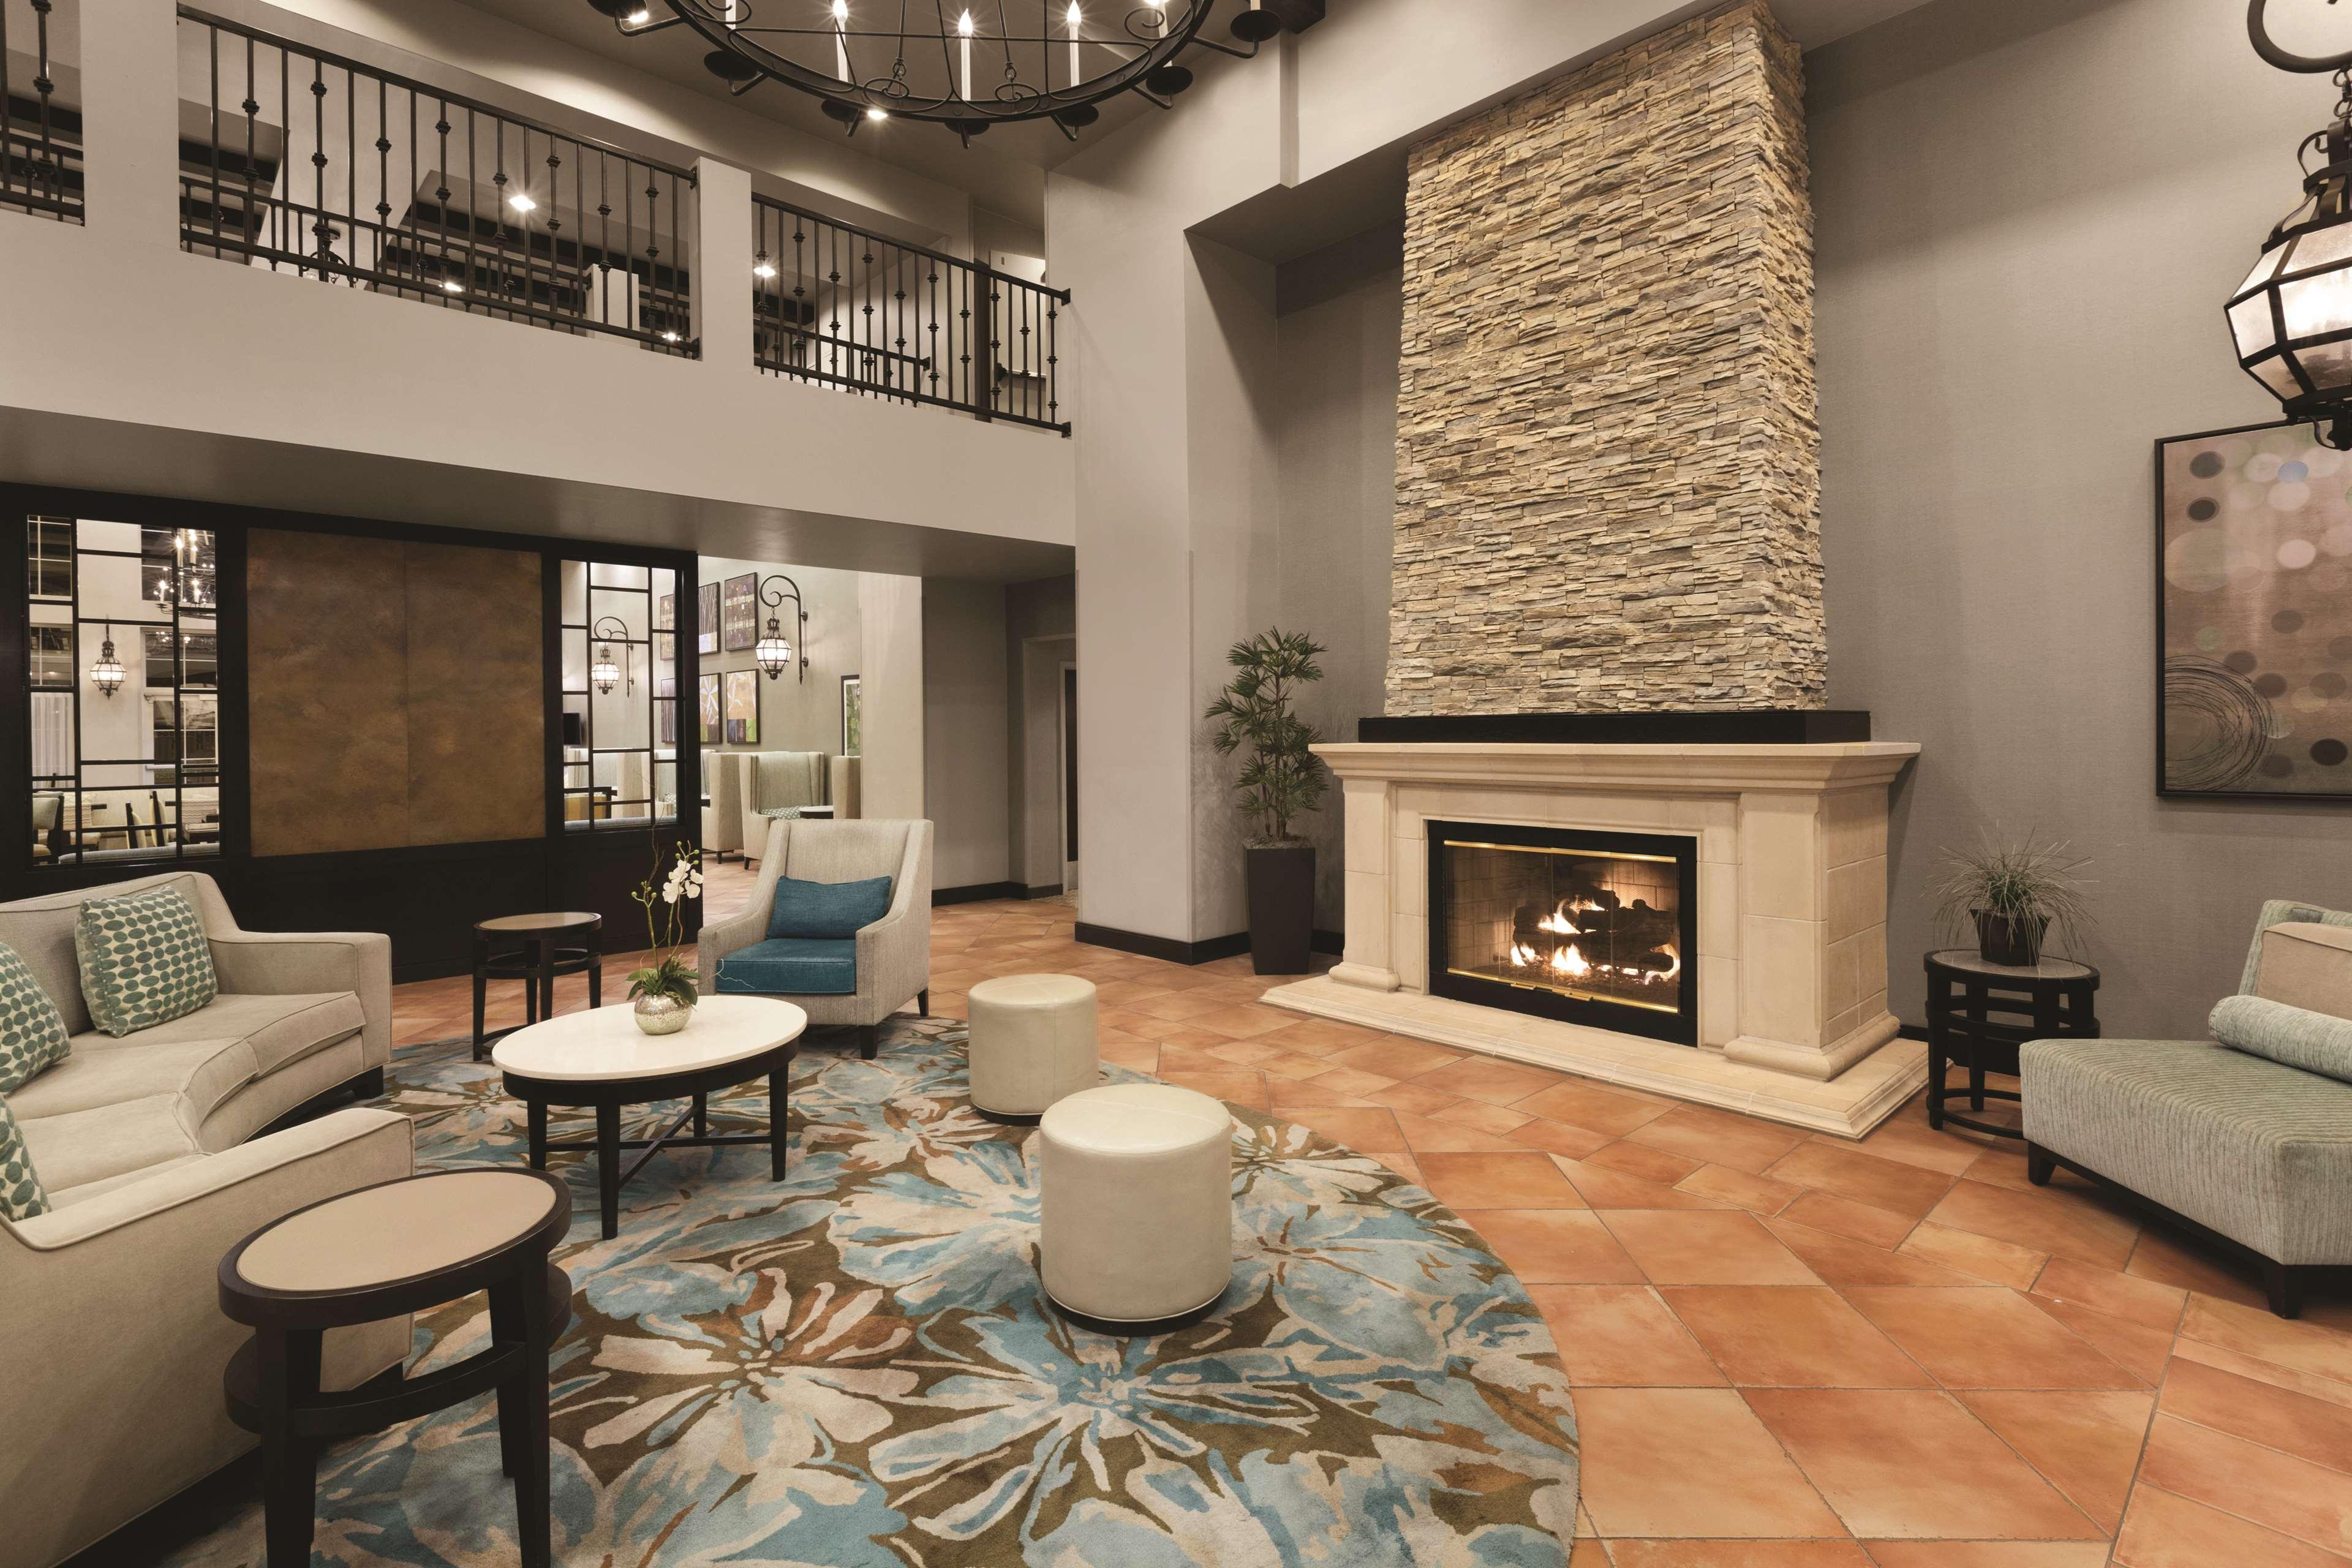 Homewood Suites by Hilton La Quinta image 5